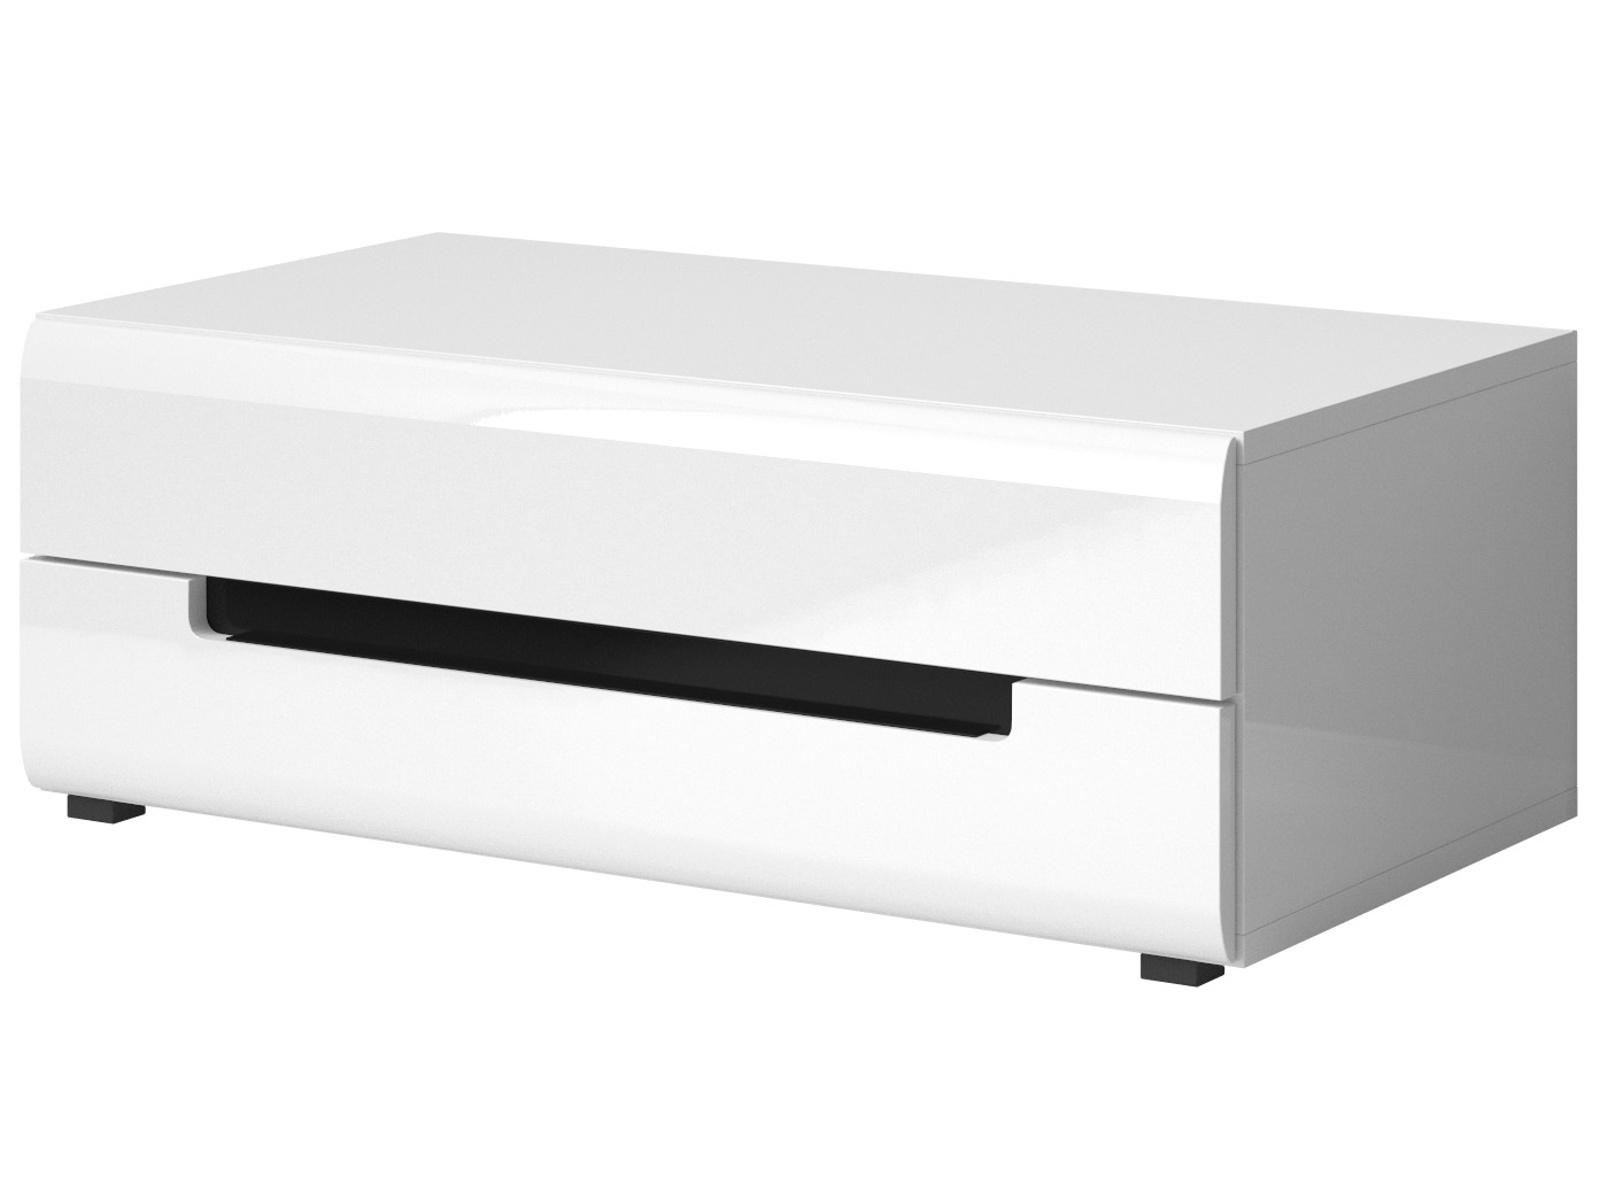 Smartshop HEKTOR TV stolík TYP 41, bílá/bílá lesk